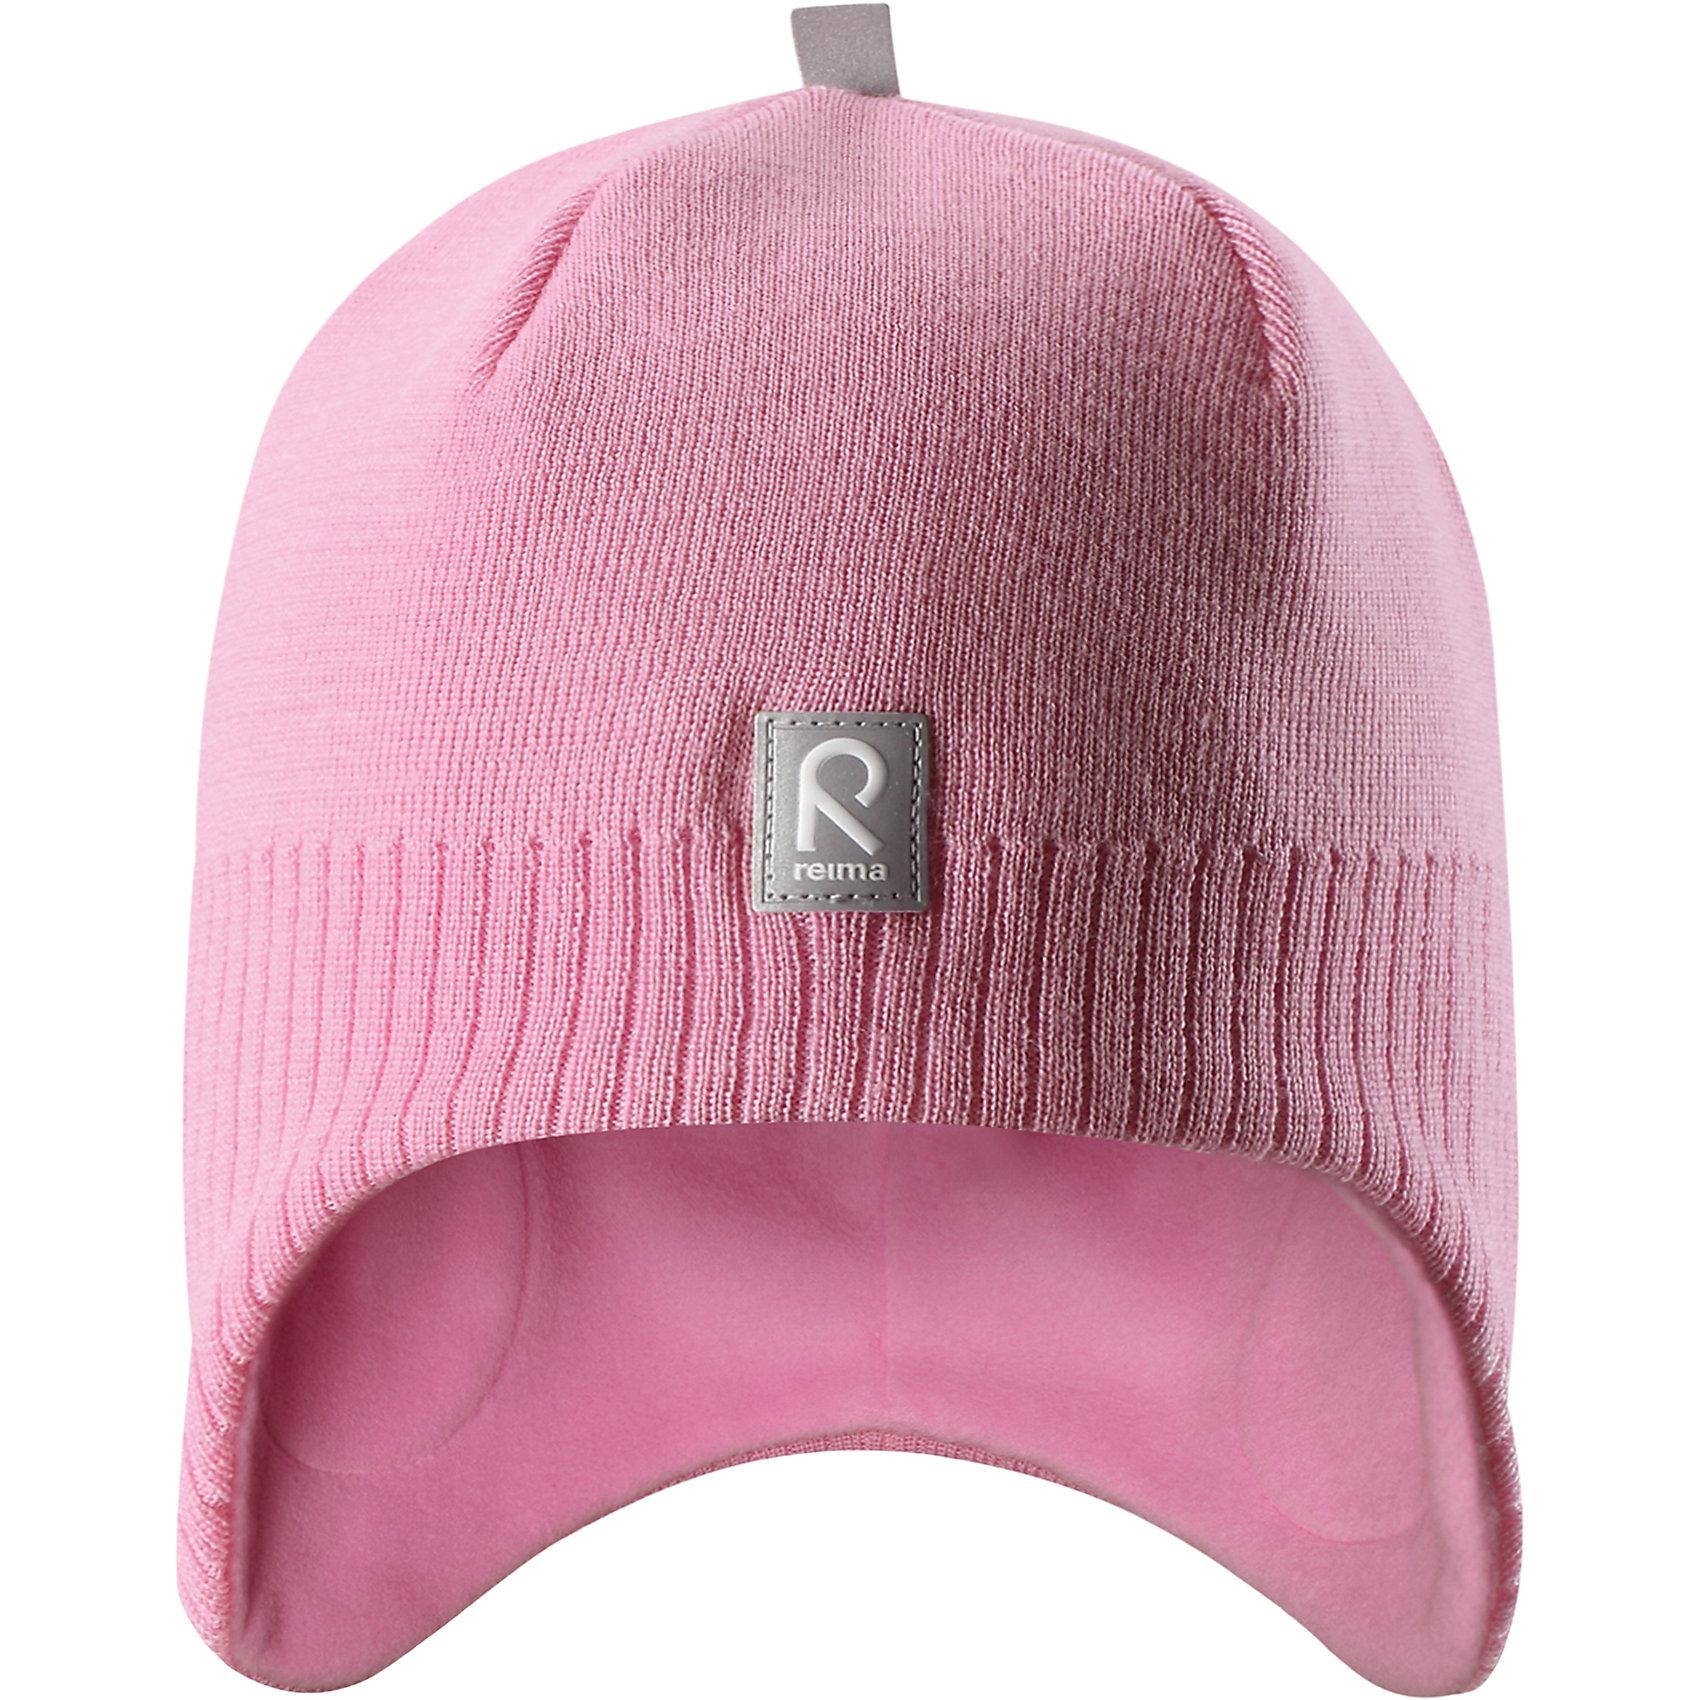 Шапка Reima LumulaГоловные уборы<br>Характеристики товара:<br><br>• цвет: светло-розовый;<br>• состав: 100% шерсть;<br>• подкладка: 100% полиэстер, флис;<br>• без дополнительного утепления;<br>• сезон: зима;<br>• температурный режим: от 0 до -20С;<br>• мягкая ткань из мериносовой шерсти для поддержания идеальной температуры тела;<br>• ветронепроницаемые вставки в области ушей;<br>• сплошная подкладка: мягкий теплый флис;<br>• логотип Reima® спереди;<br>• страна бренда: Финляндия;<br>• страна изготовитель: Китай.<br><br>Детская шерстяная шапка хорошо защищает уши. Эта удобная модель хорошо закрывает уши ребенка и защищает лоб даже без завязок. Стильная шапка из 100% шерсти подшита удобной теплой флисовой подкладкой из полиэстера. Материал быстро сохнет и обладает влагоотводящими свойствами. Ветронепроницаемые вставки между верхним слоем и подкладкой обеспечивают ушкам дополнительную защиту от ветра.<br><br>Шапку Lumula Reima от финского бренда Reima (Рейма) можно купить в нашем интернет-магазине.<br><br>Ширина мм: 89<br>Глубина мм: 117<br>Высота мм: 44<br>Вес г: 155<br>Цвет: розовый<br>Возраст от месяцев: 84<br>Возраст до месяцев: 144<br>Пол: Унисекс<br>Возраст: Детский<br>Размер: 56,50,52,54<br>SKU: 6902563